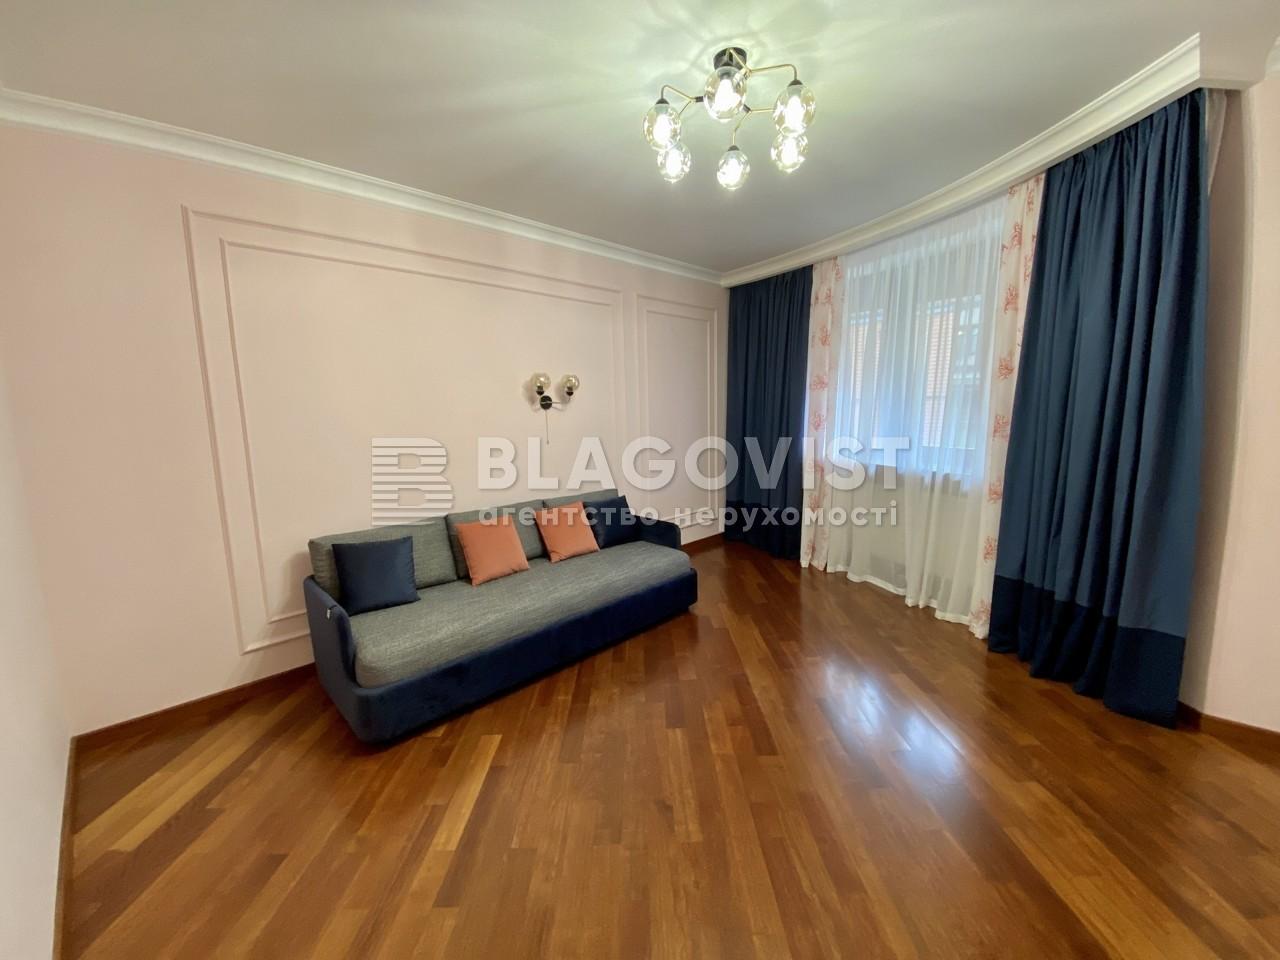 Квартира H-49061, Старонаводницкая, 13, Киев - Фото 12